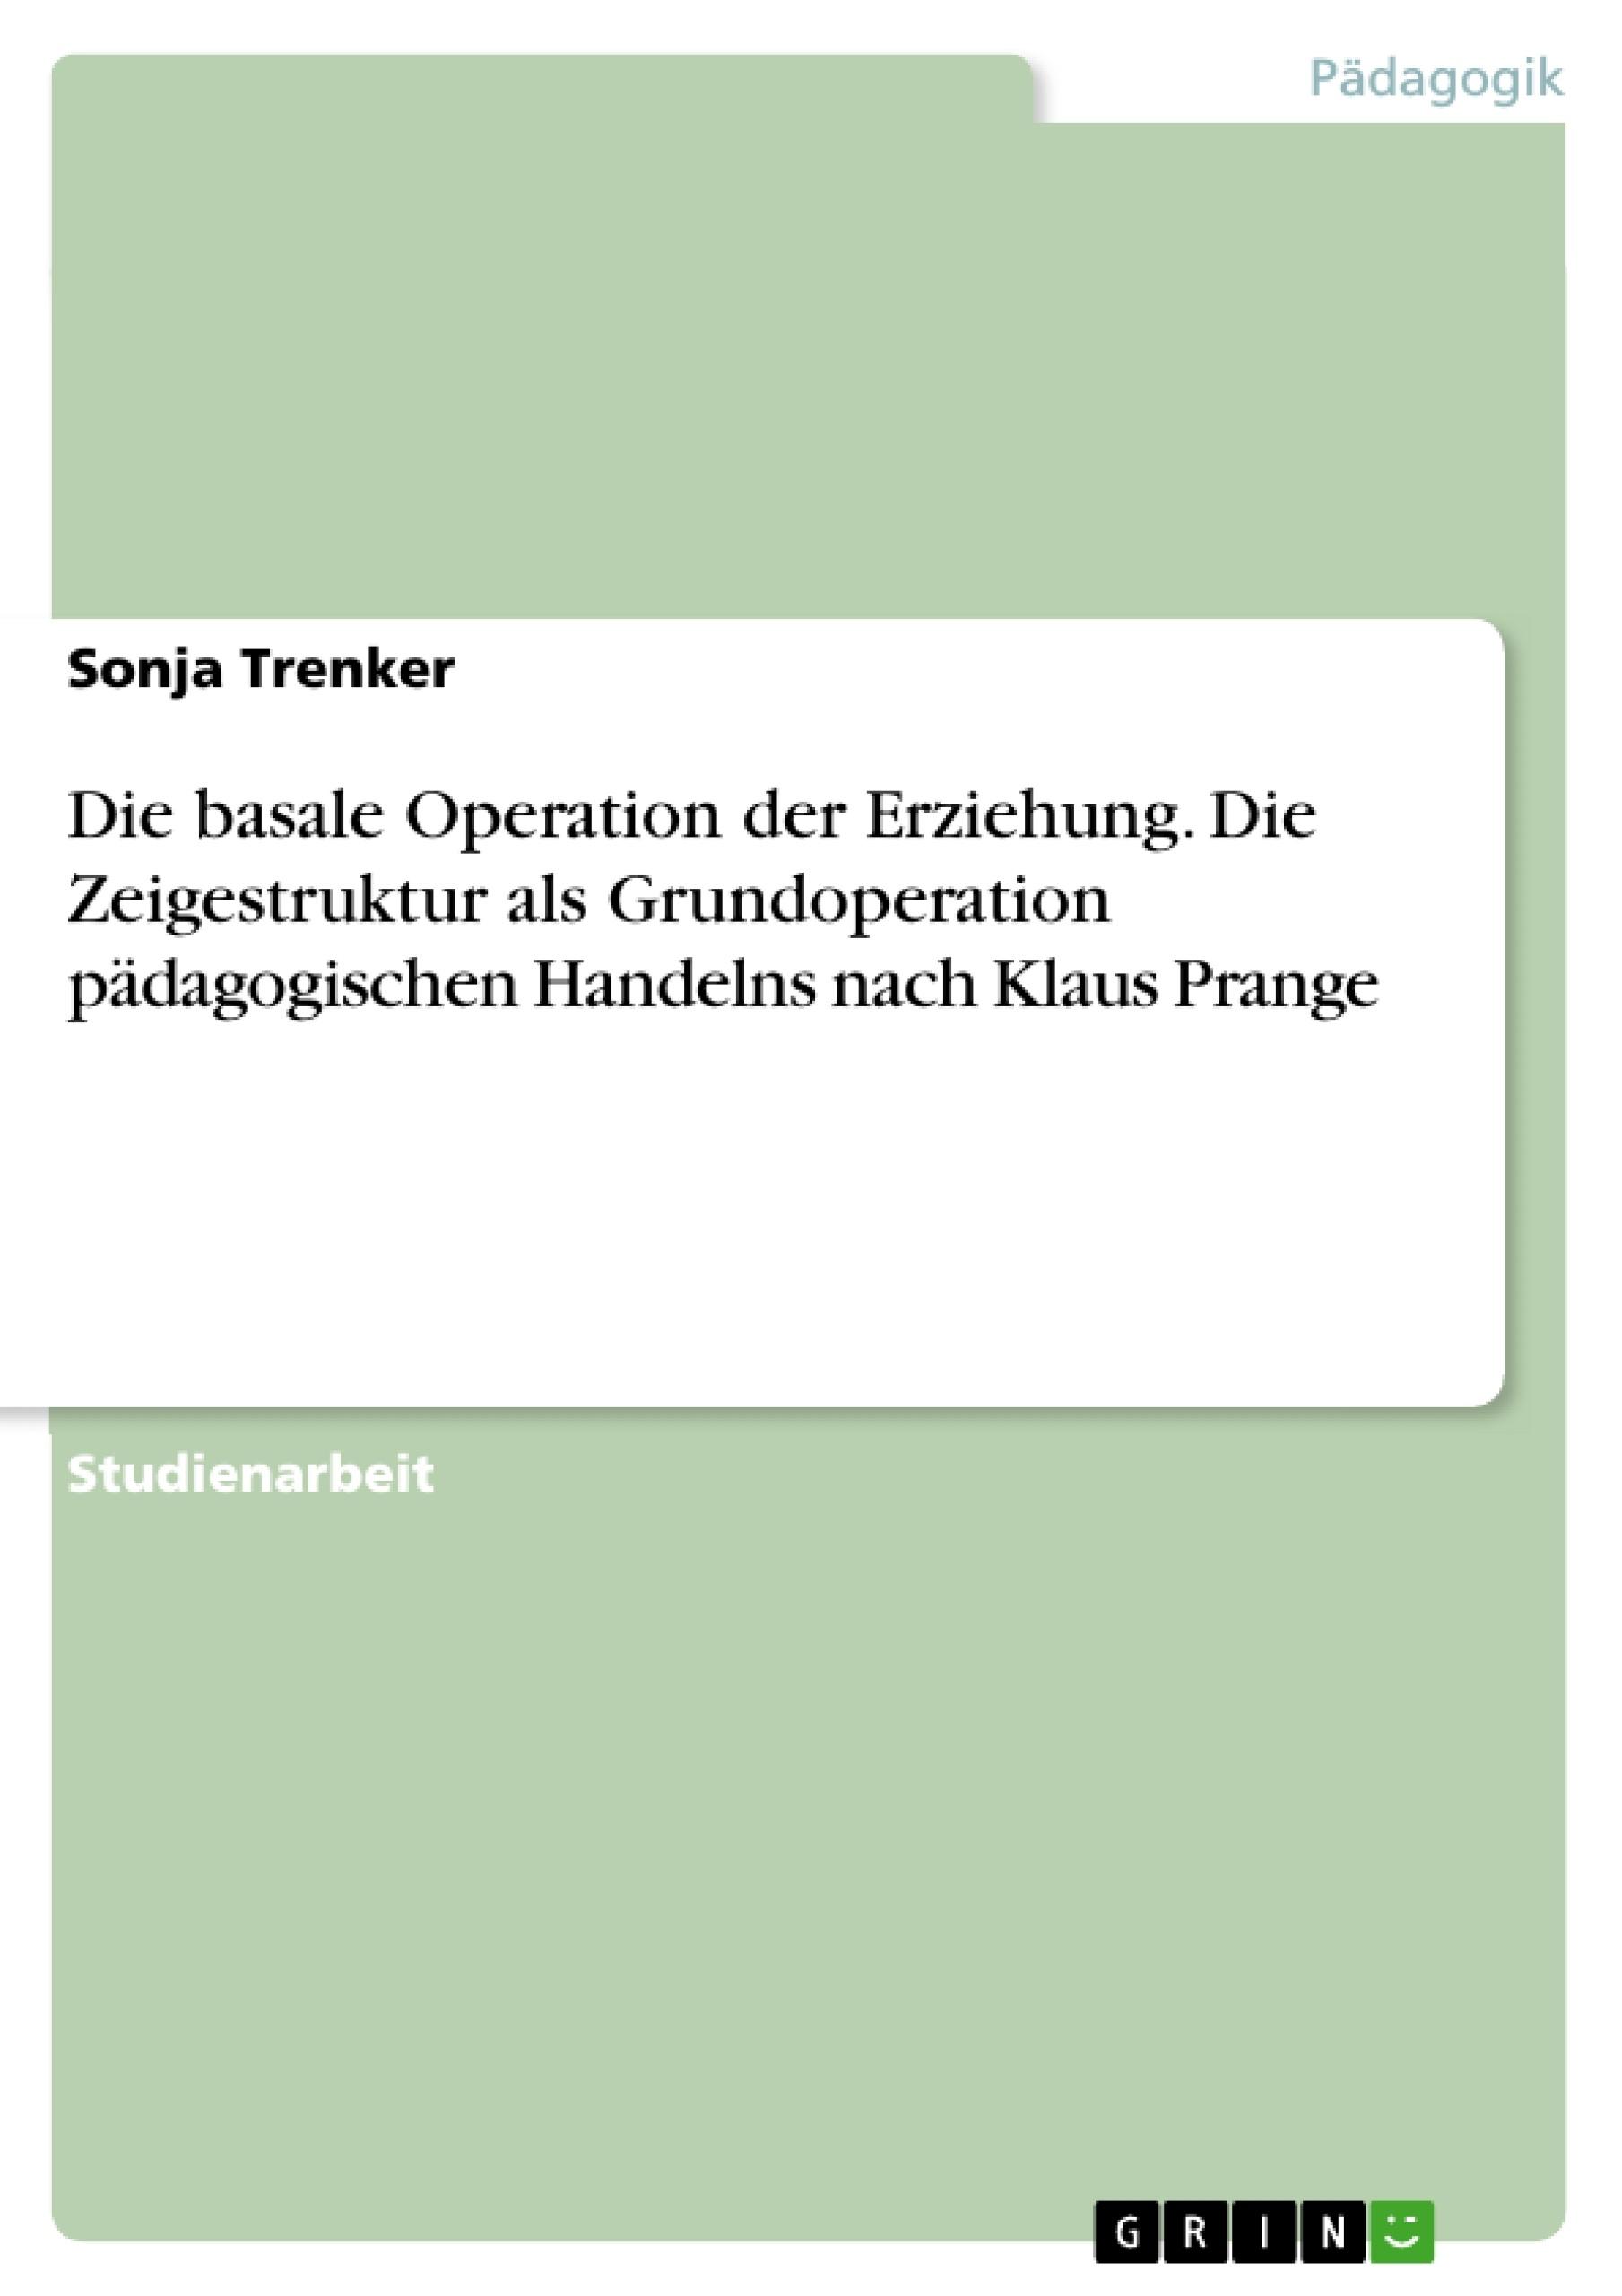 Titel: Die basale Operation der Erziehung. Die Zeigestruktur als Grundoperation pädagogischen Handelns nach Klaus Prange